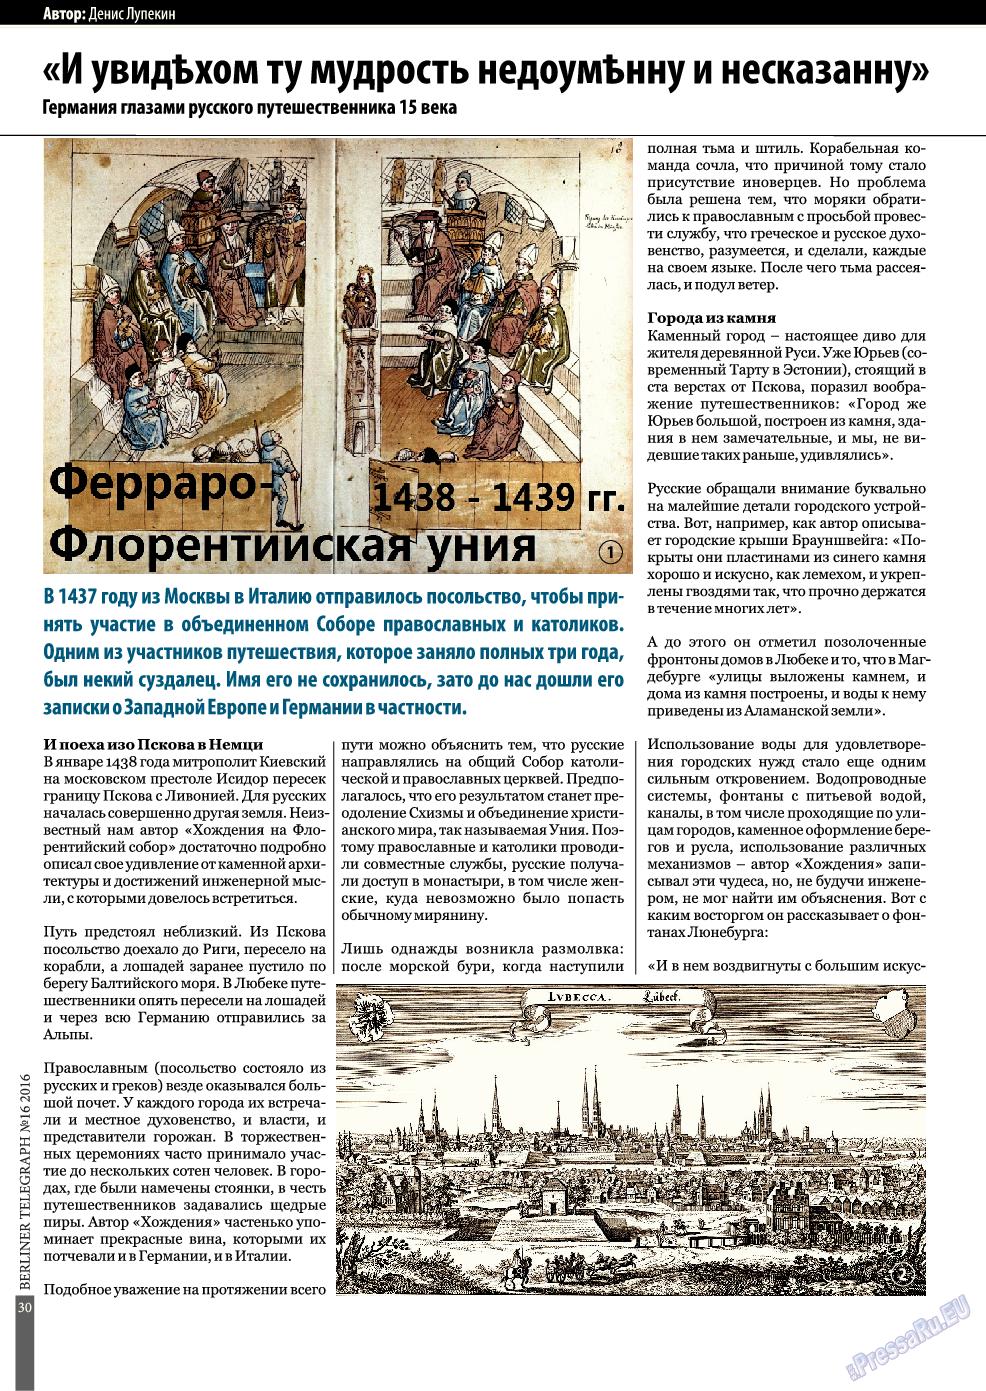 Берлинский телеграф (журнал). 2016 год, номер 16, стр. 30